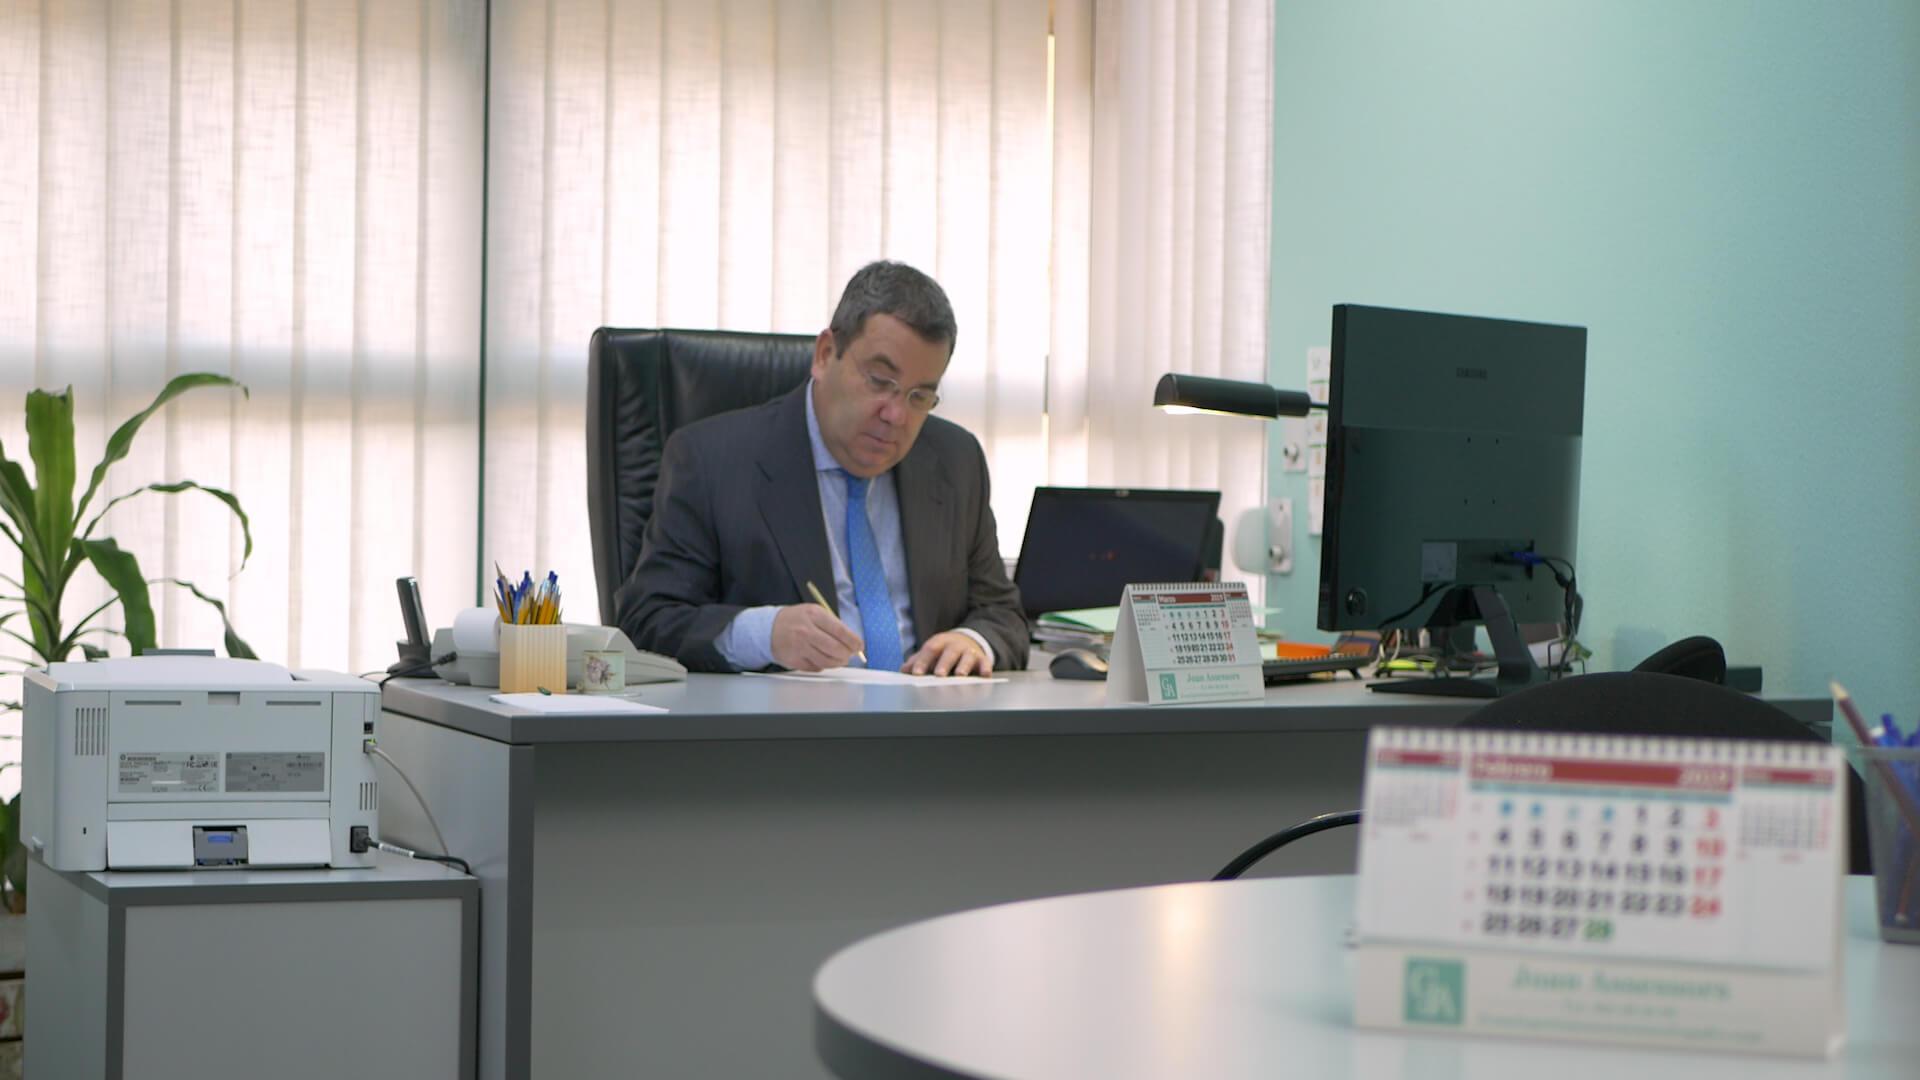 Juan Lorente Montaner, Valencia, Asesor fiscal, laboral, contable  jurídico